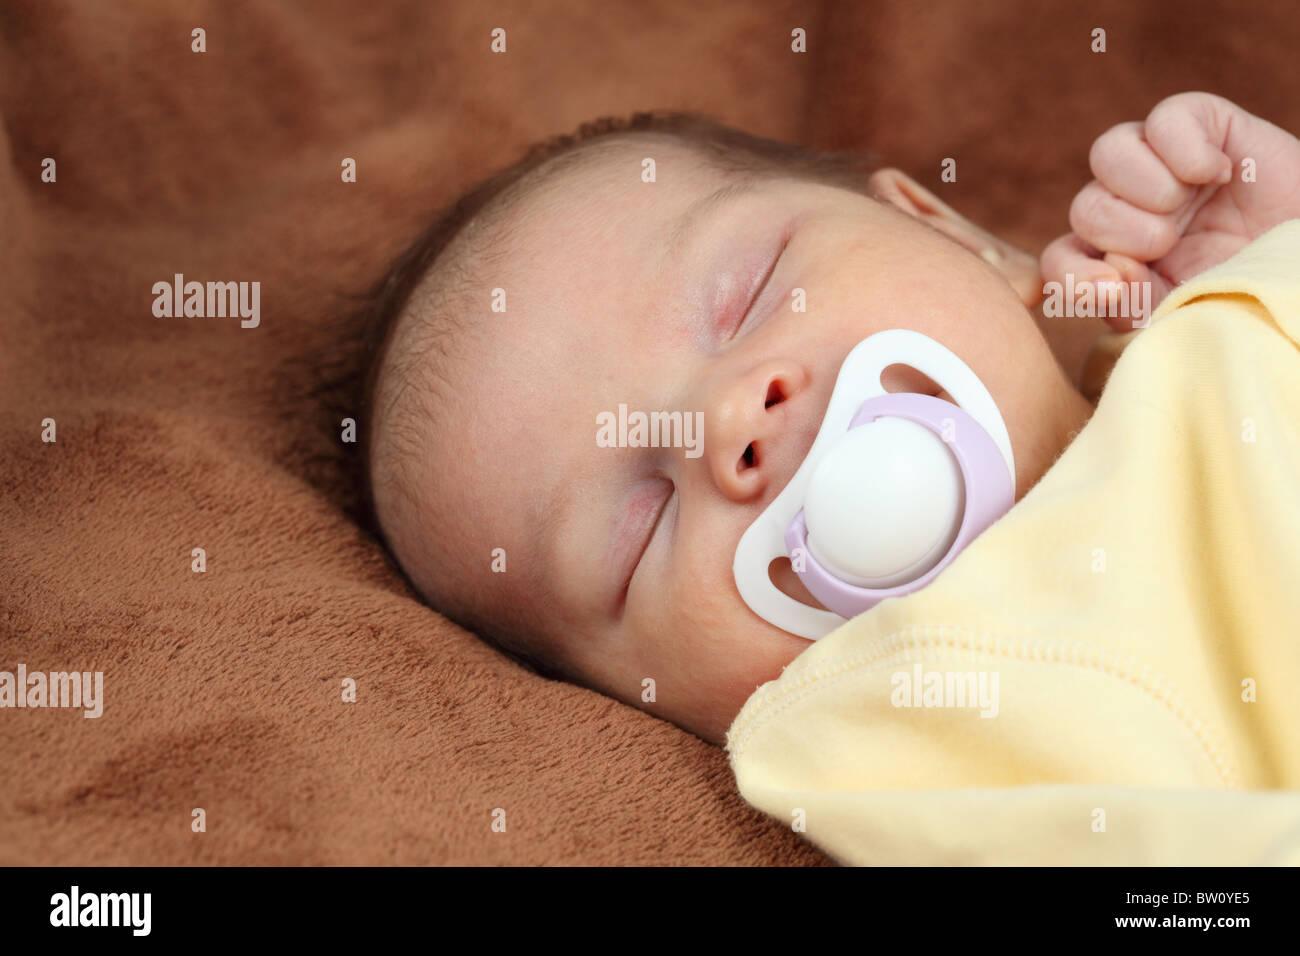 Neugeborene schlafen auf weichen braunen Decke Stockbild